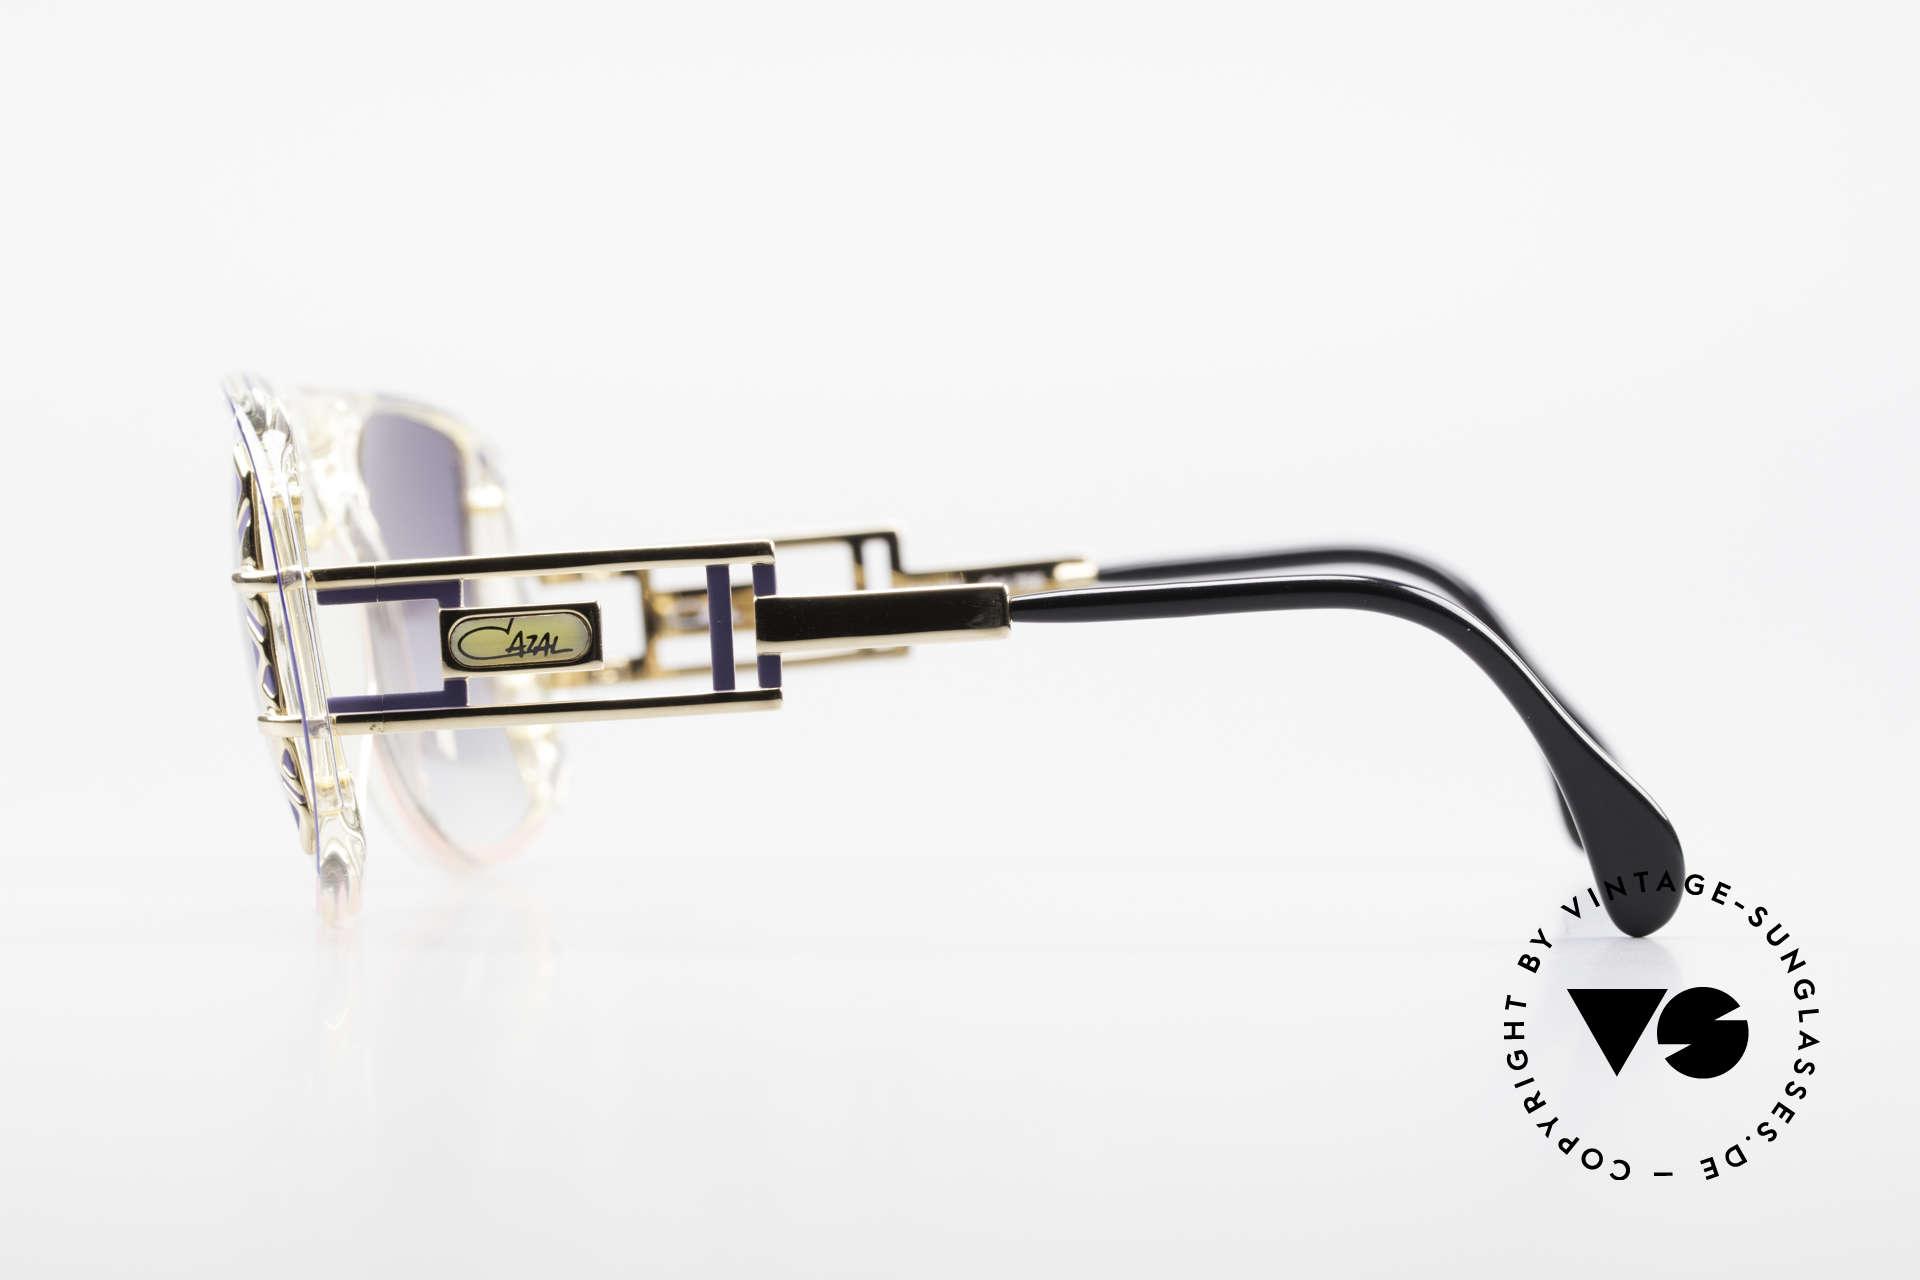 Cazal 875 Rare Designer Sonnenbrille, KEINE RETROmode; ein circa 25 Jahre altes UNIKAT!, Passend für Herren und Damen